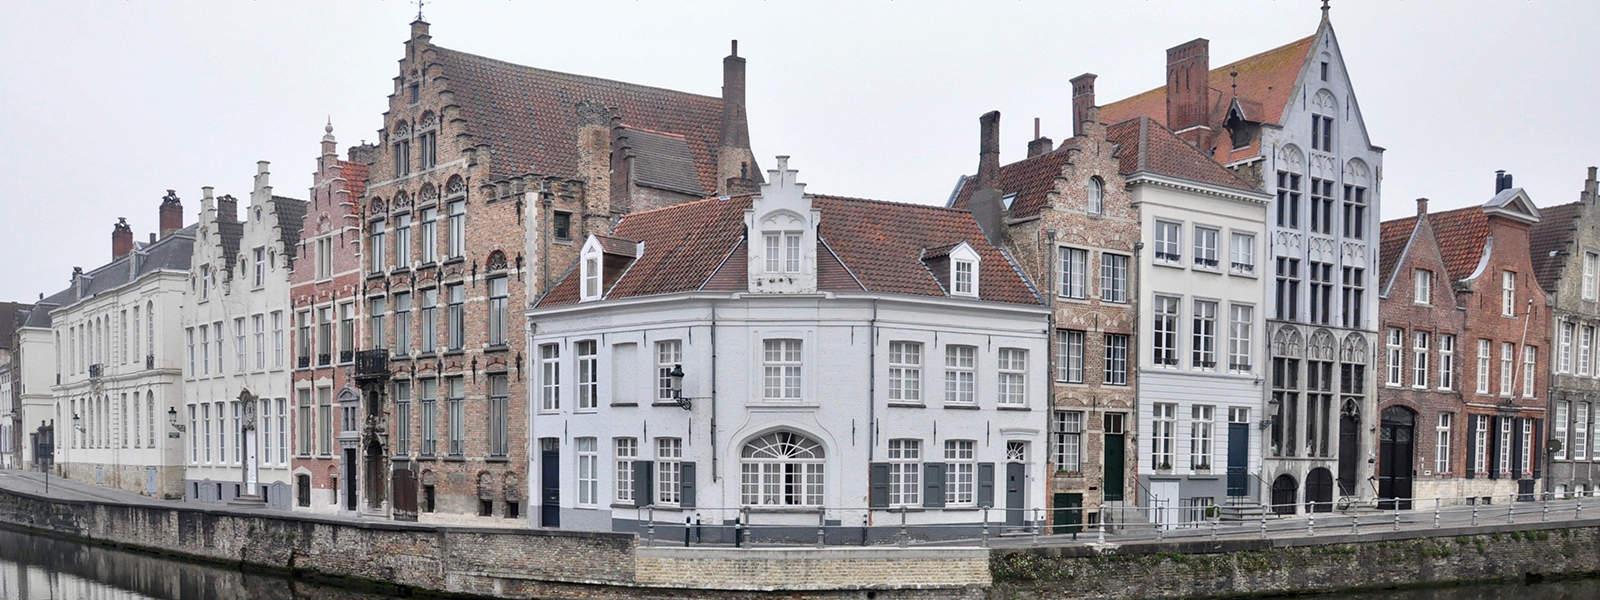 باكدج سياحي في بلجيكا لمدة 10 أيام